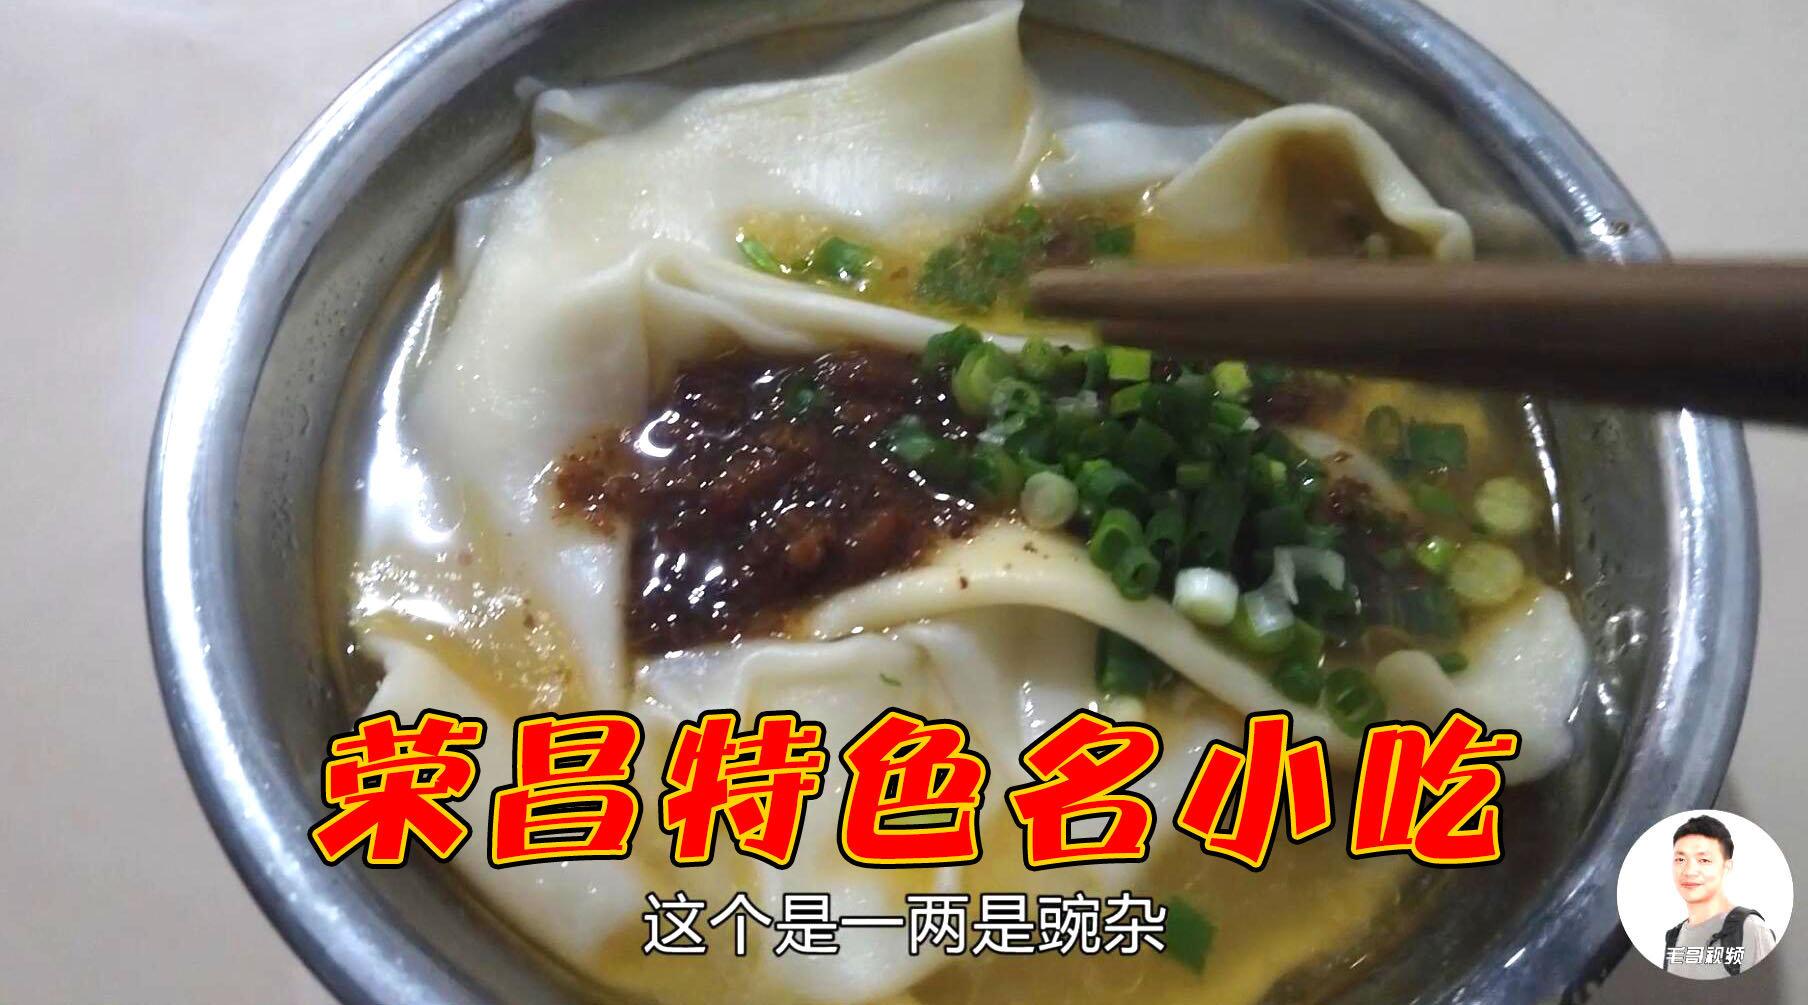 重庆荣昌特色小吃铺盖面,这家老店生意太好,老板都要忙不过来了